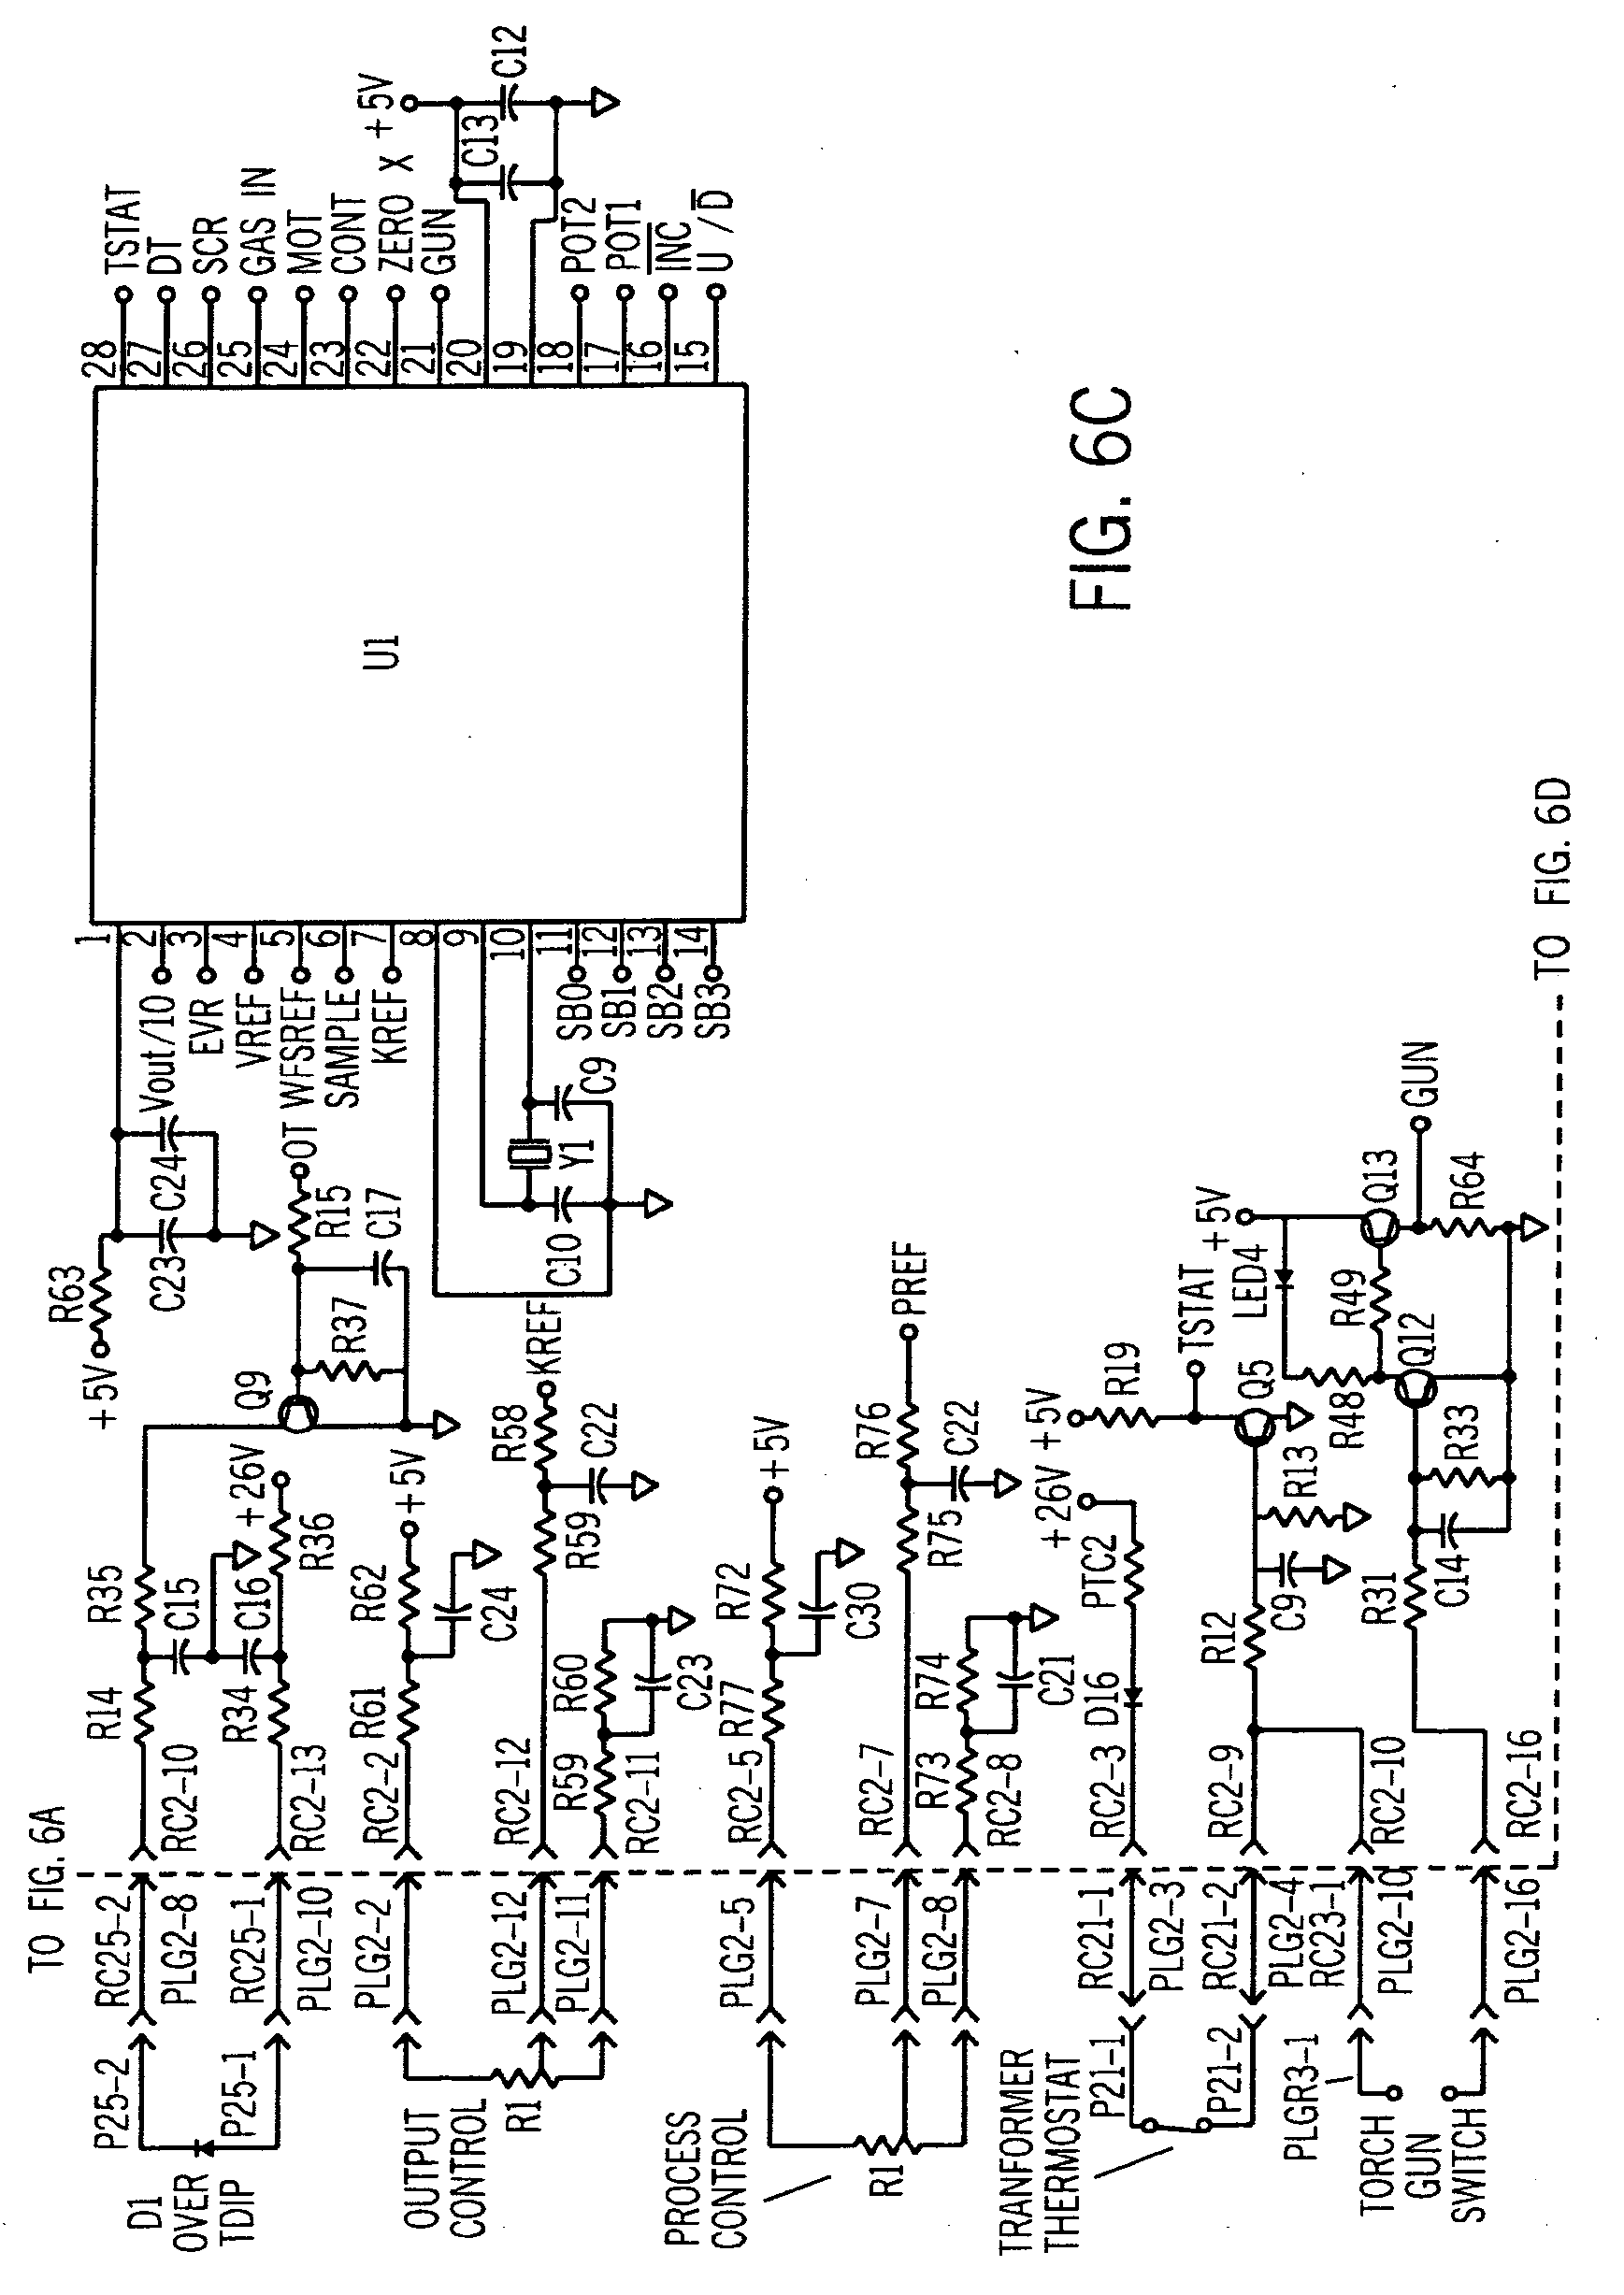 Hobart welder wiring diagram new wiring diagram 2018 hobart welder wiring diagram electric meter ba wiring diagram lma mig welder wiring diagram hobart welder parts diagram miller welders parts breakdown on pooptronica